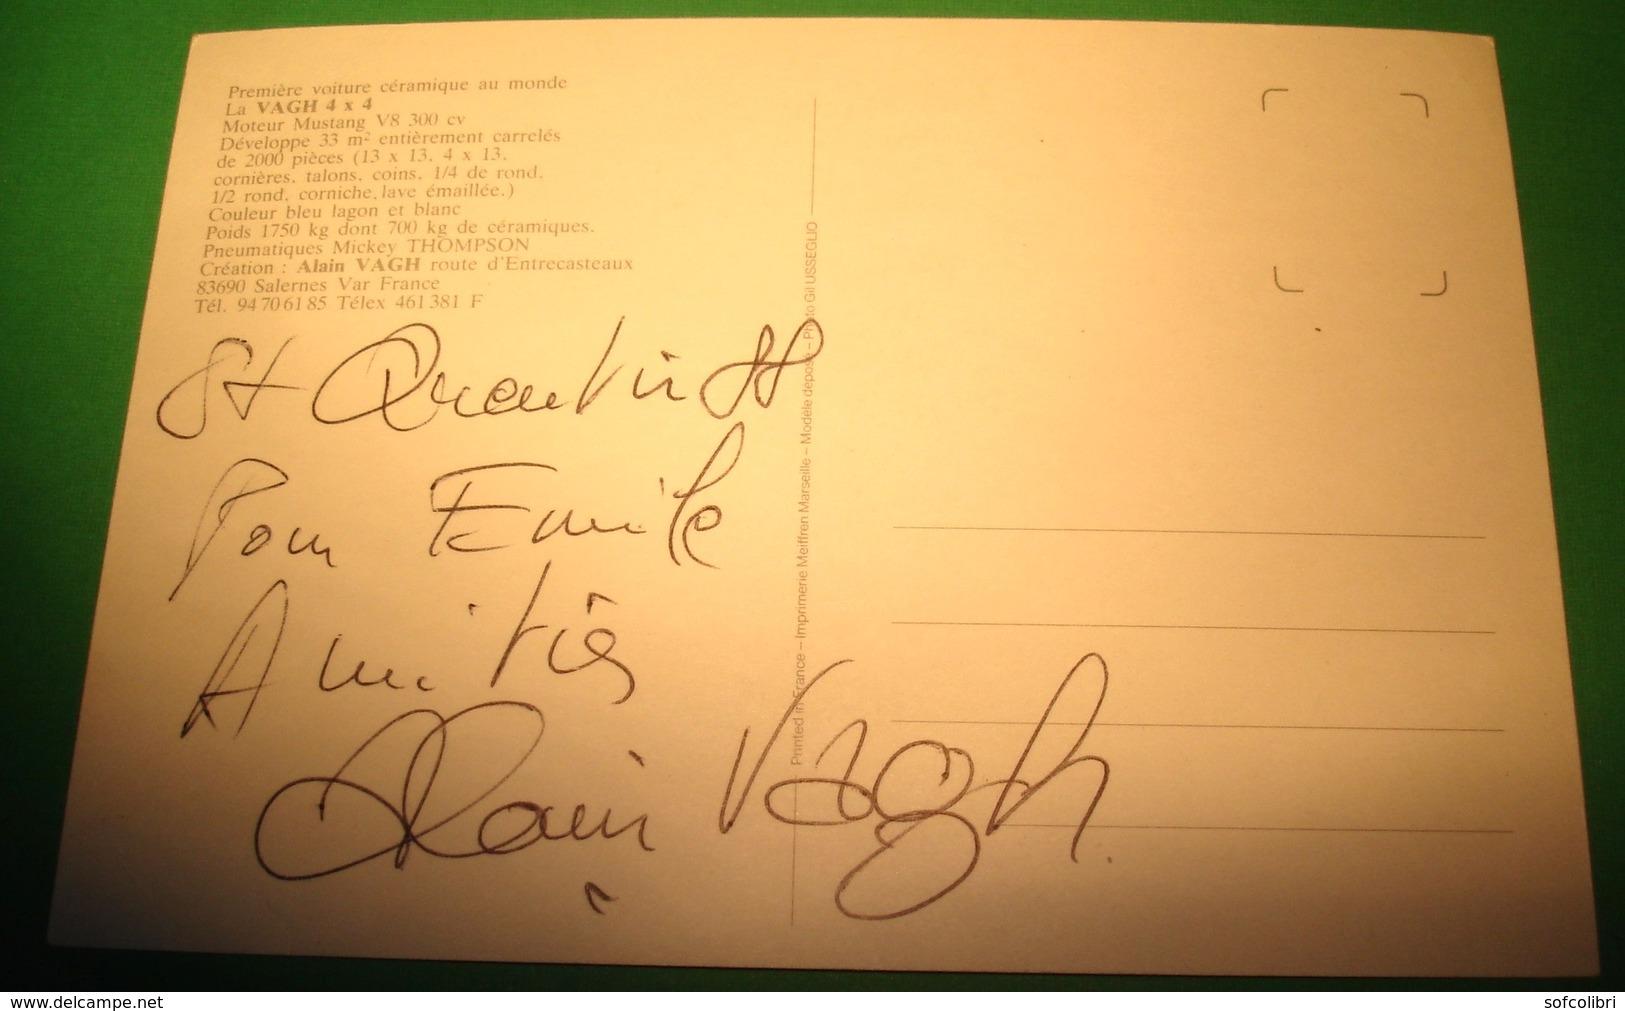 LA VOITURE EN CÉRAMIQUE (Ford ?) - Créateur Alain VAGH - Salernes-en-Provence (Carte écrite, Dédicassée Par Alain VAGH) - Salernes